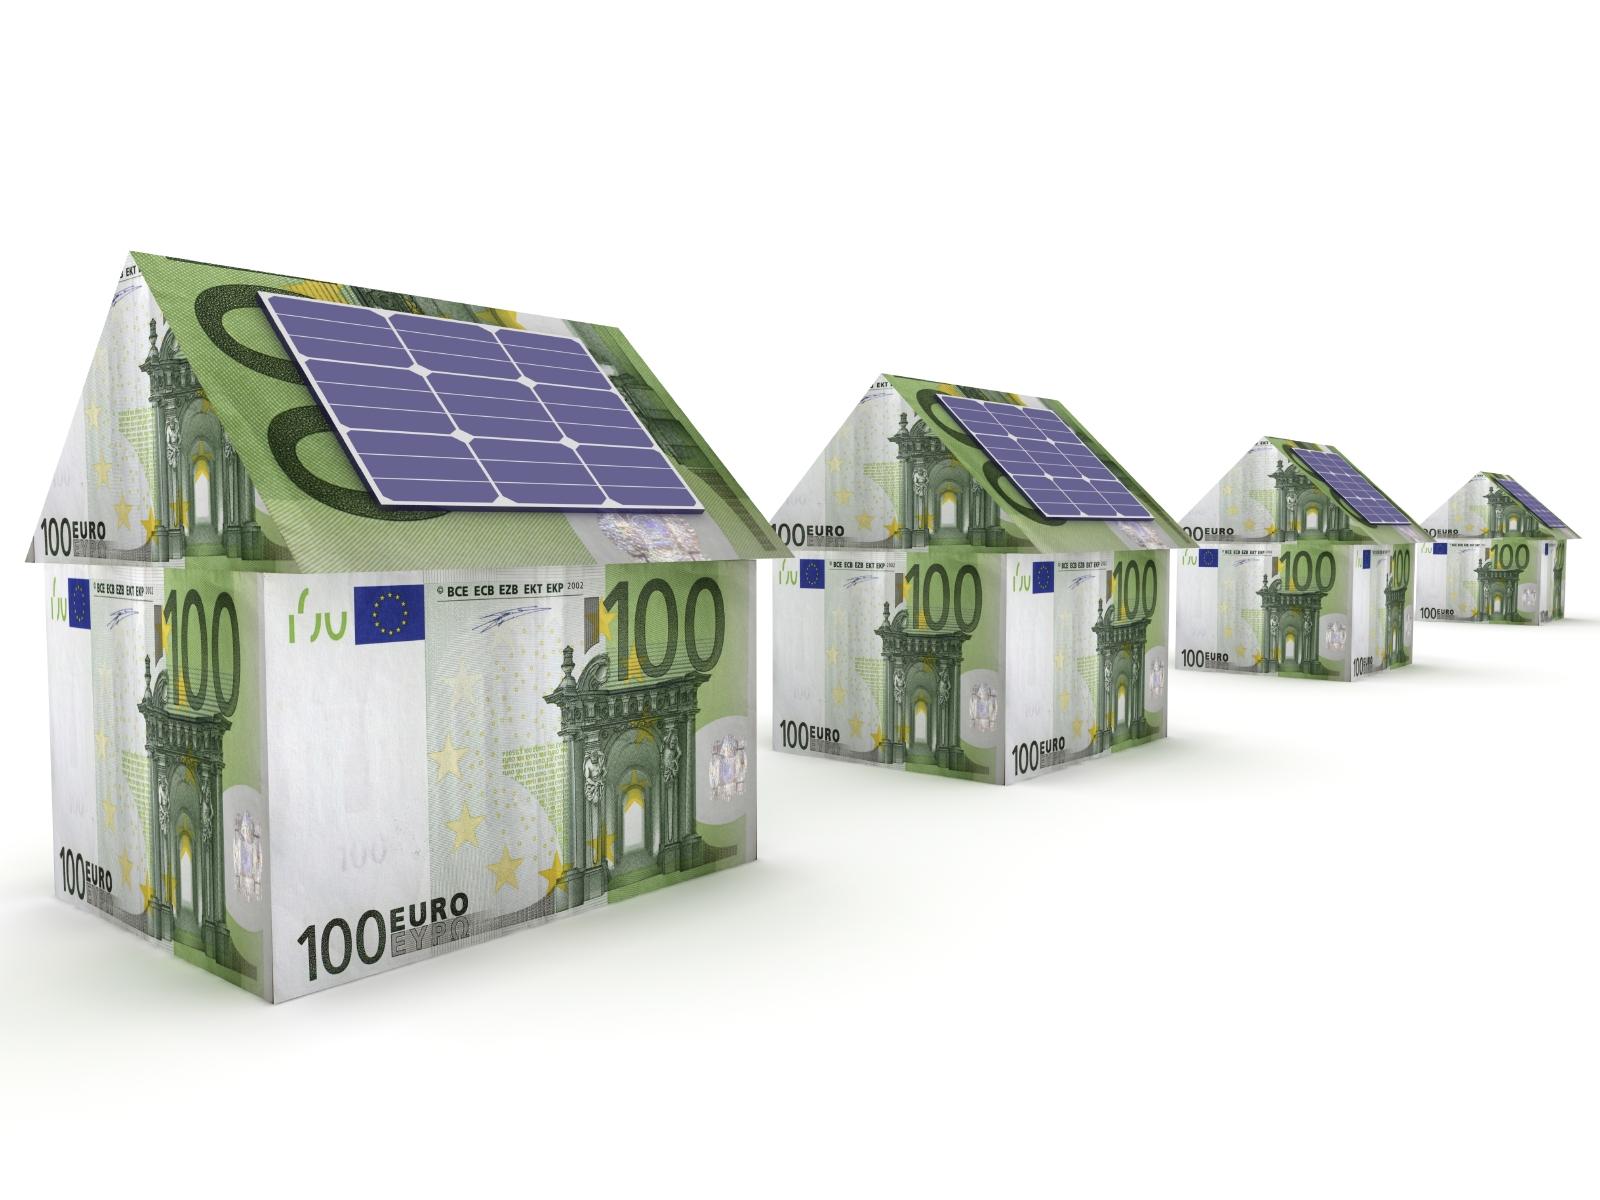 Btw terugvragen zonnepanelen: hoe doe je dat?